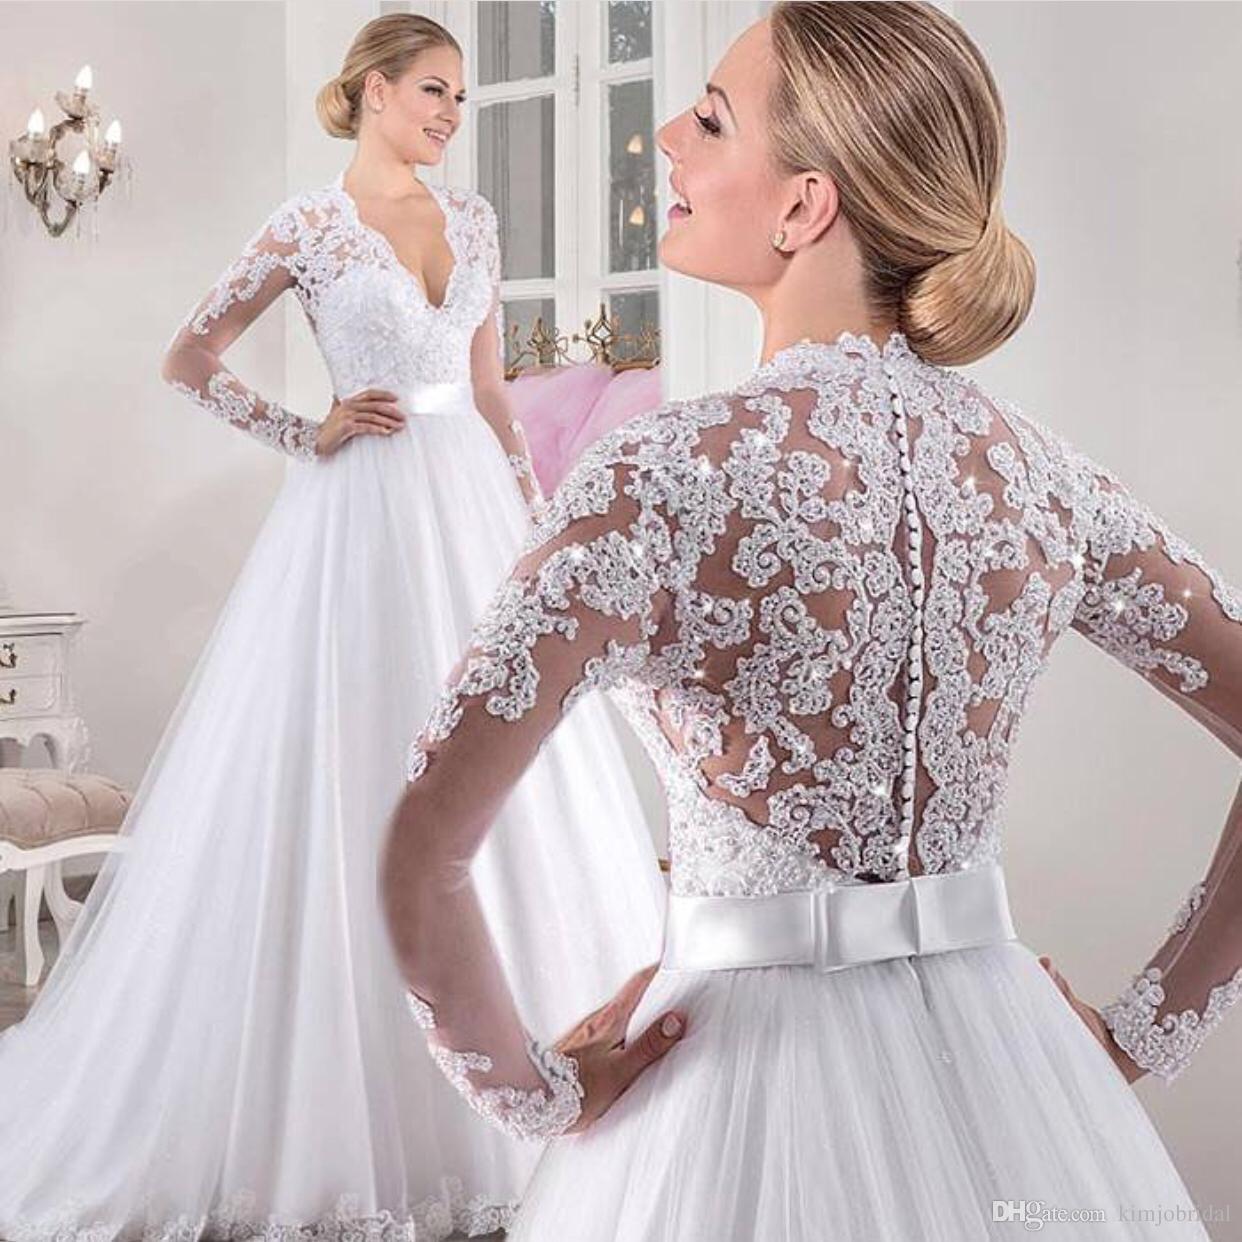 Großhandel 12 Langärmelige Spitze Brautkleider Eine Linie Perlen Weiß  Elegant Brautkleid Brautkleid Vestido De Noiva Von Kimjobridal, 12,12 €  Auf